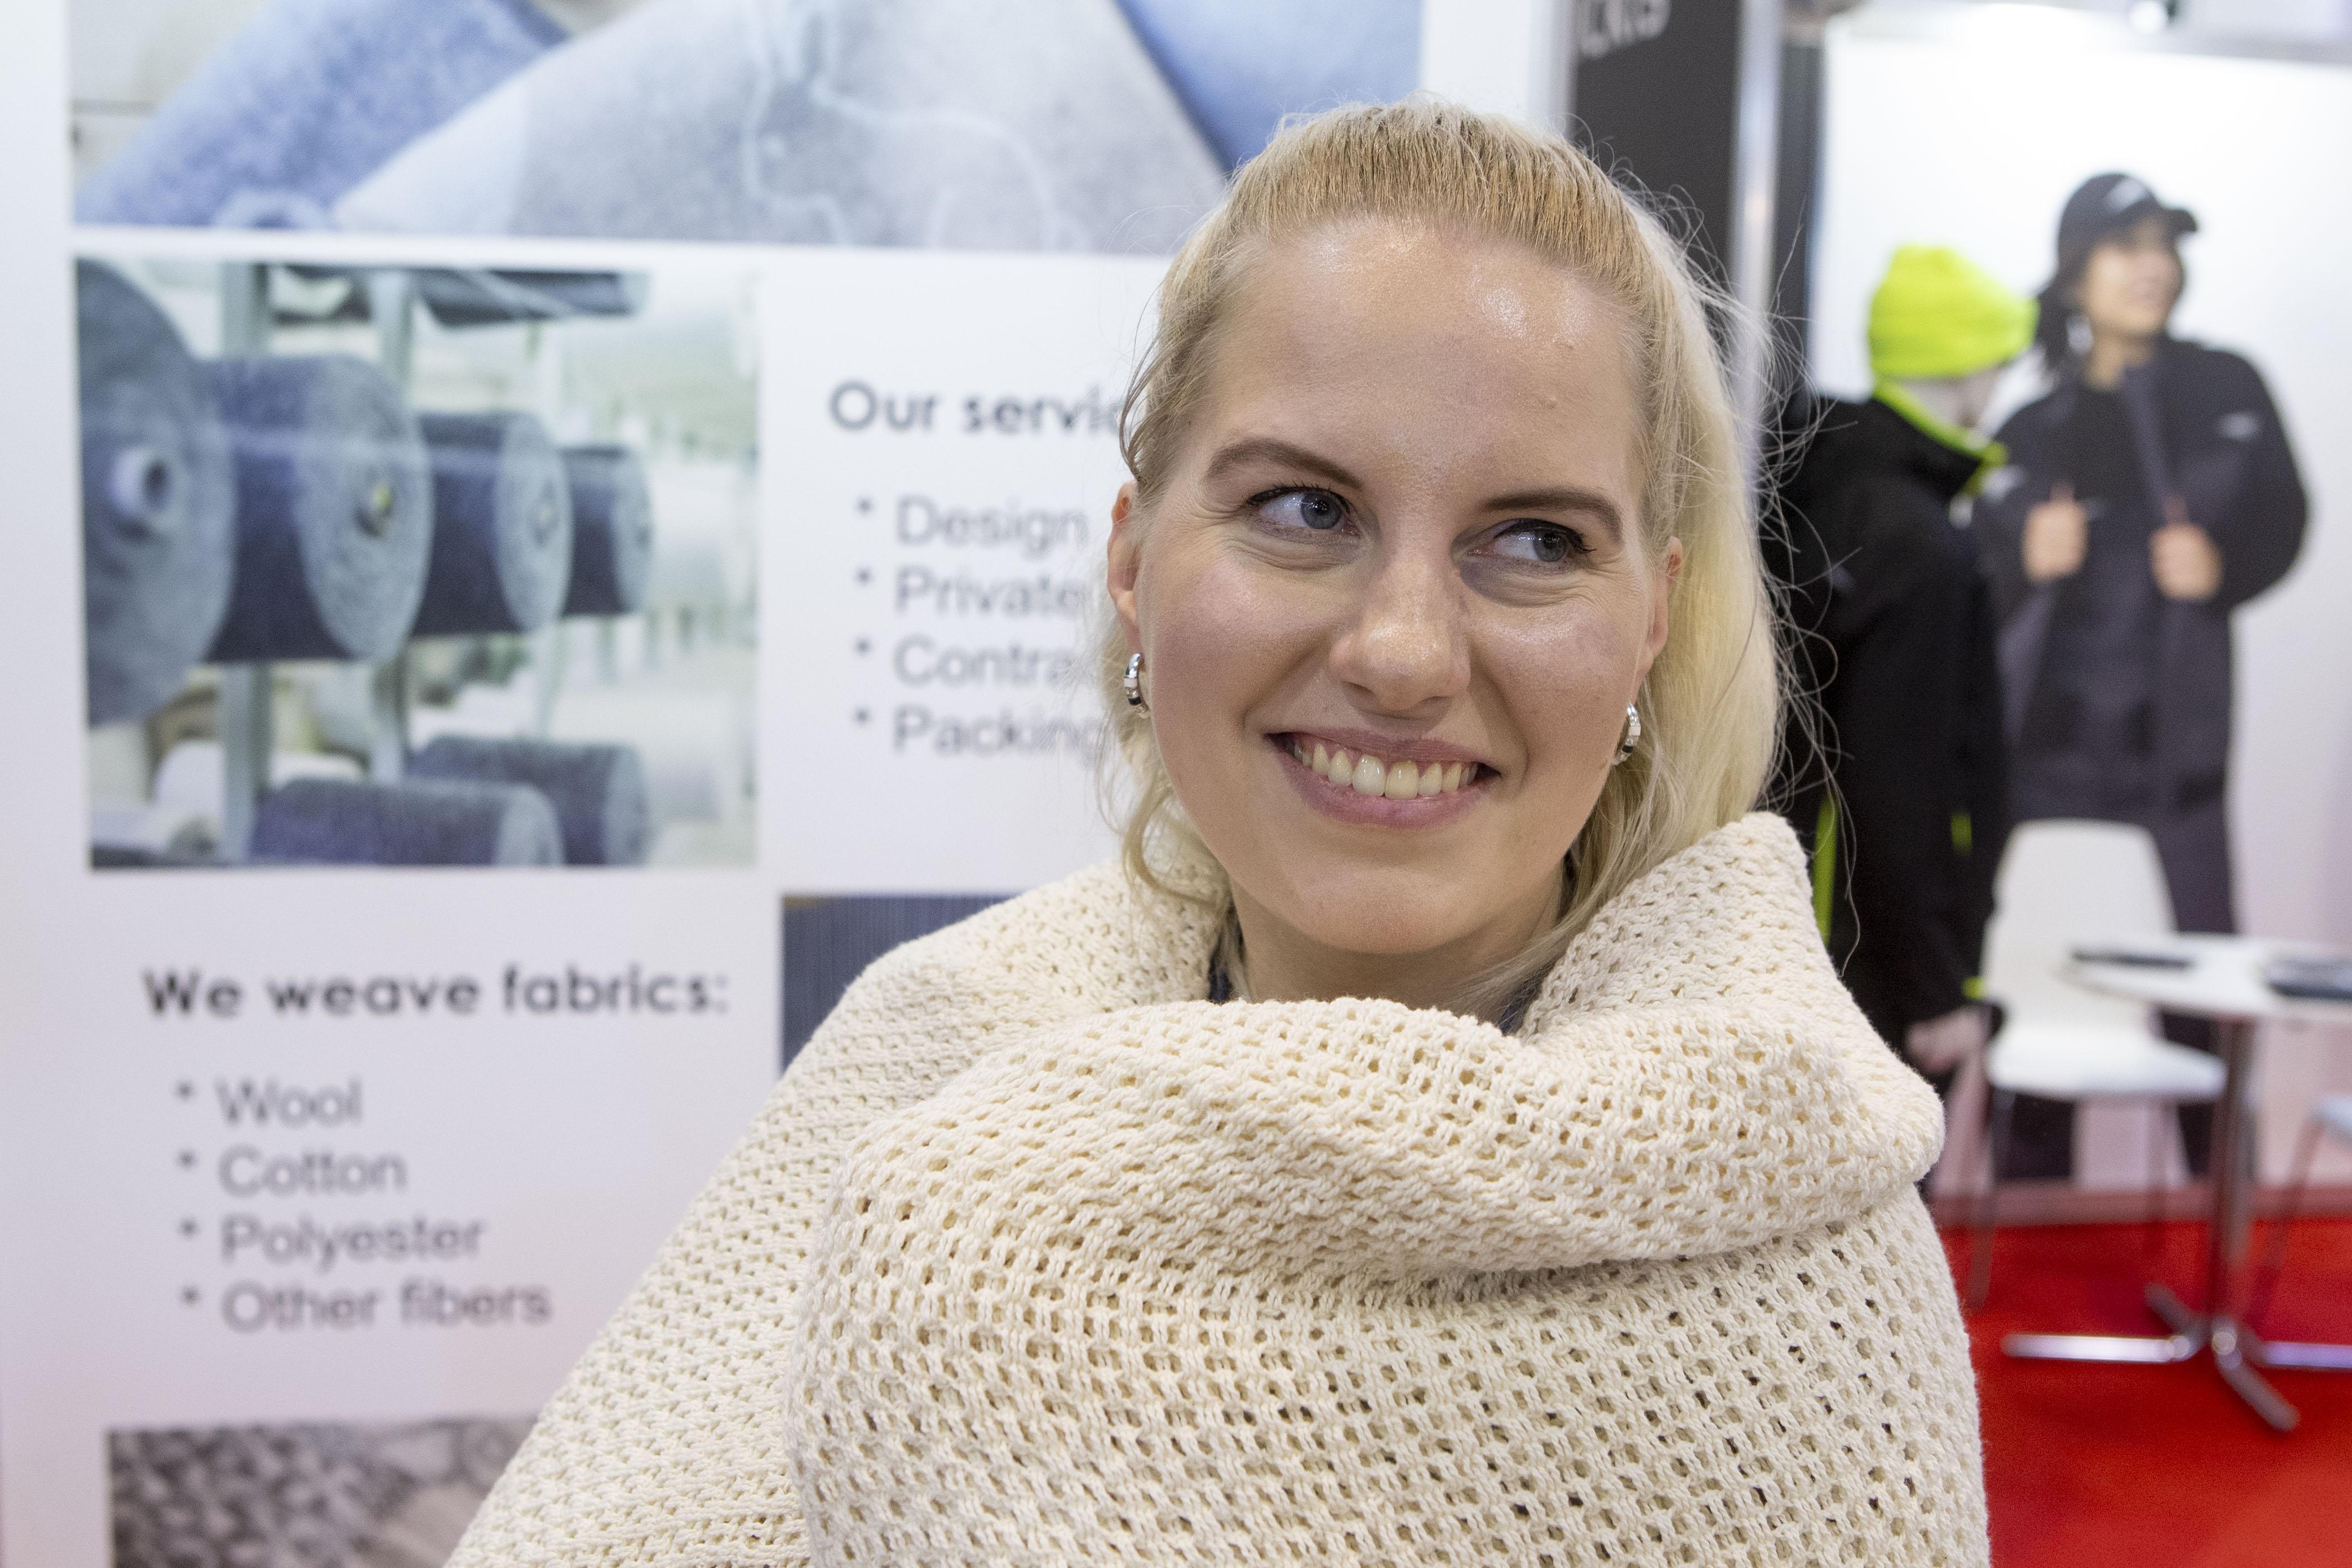 10 naujoviškų Lietuvos aprangos ir tekstilės įmonių gaminių, kurie stebina pasaulį | LATIA nuotr.